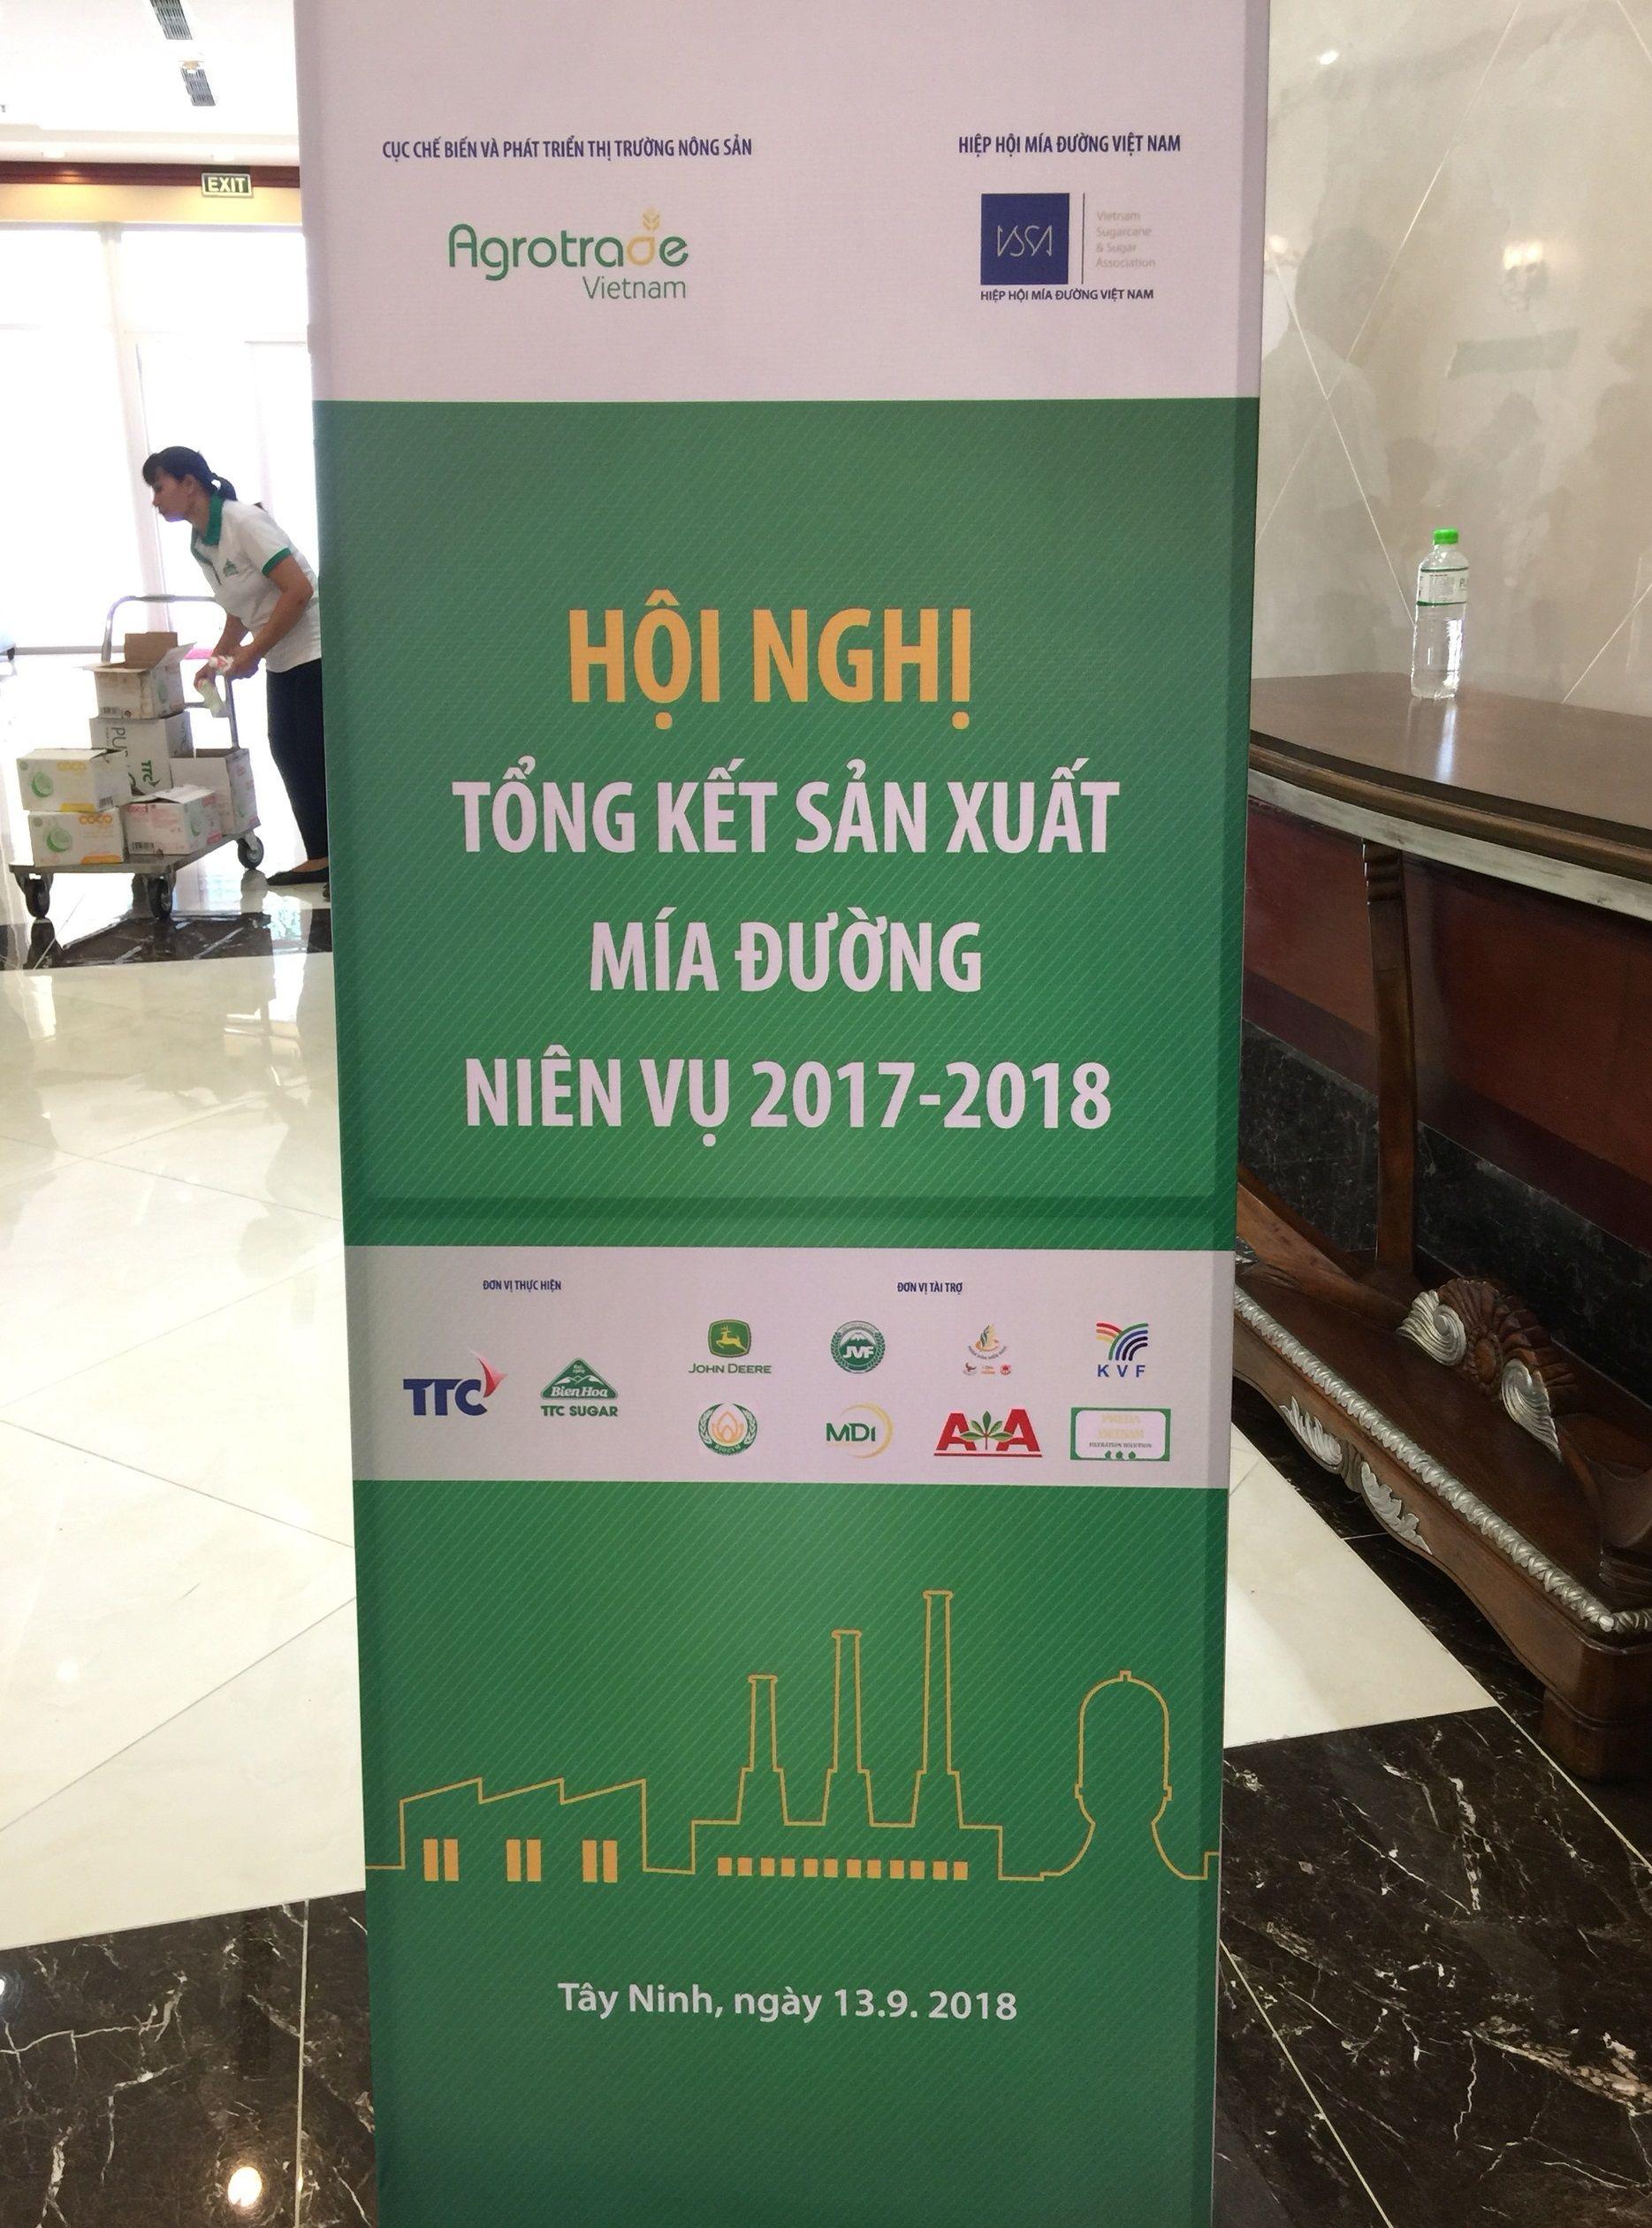 Hội nghị tổng kết sản xuất mía đường niên vụ 2017-2018